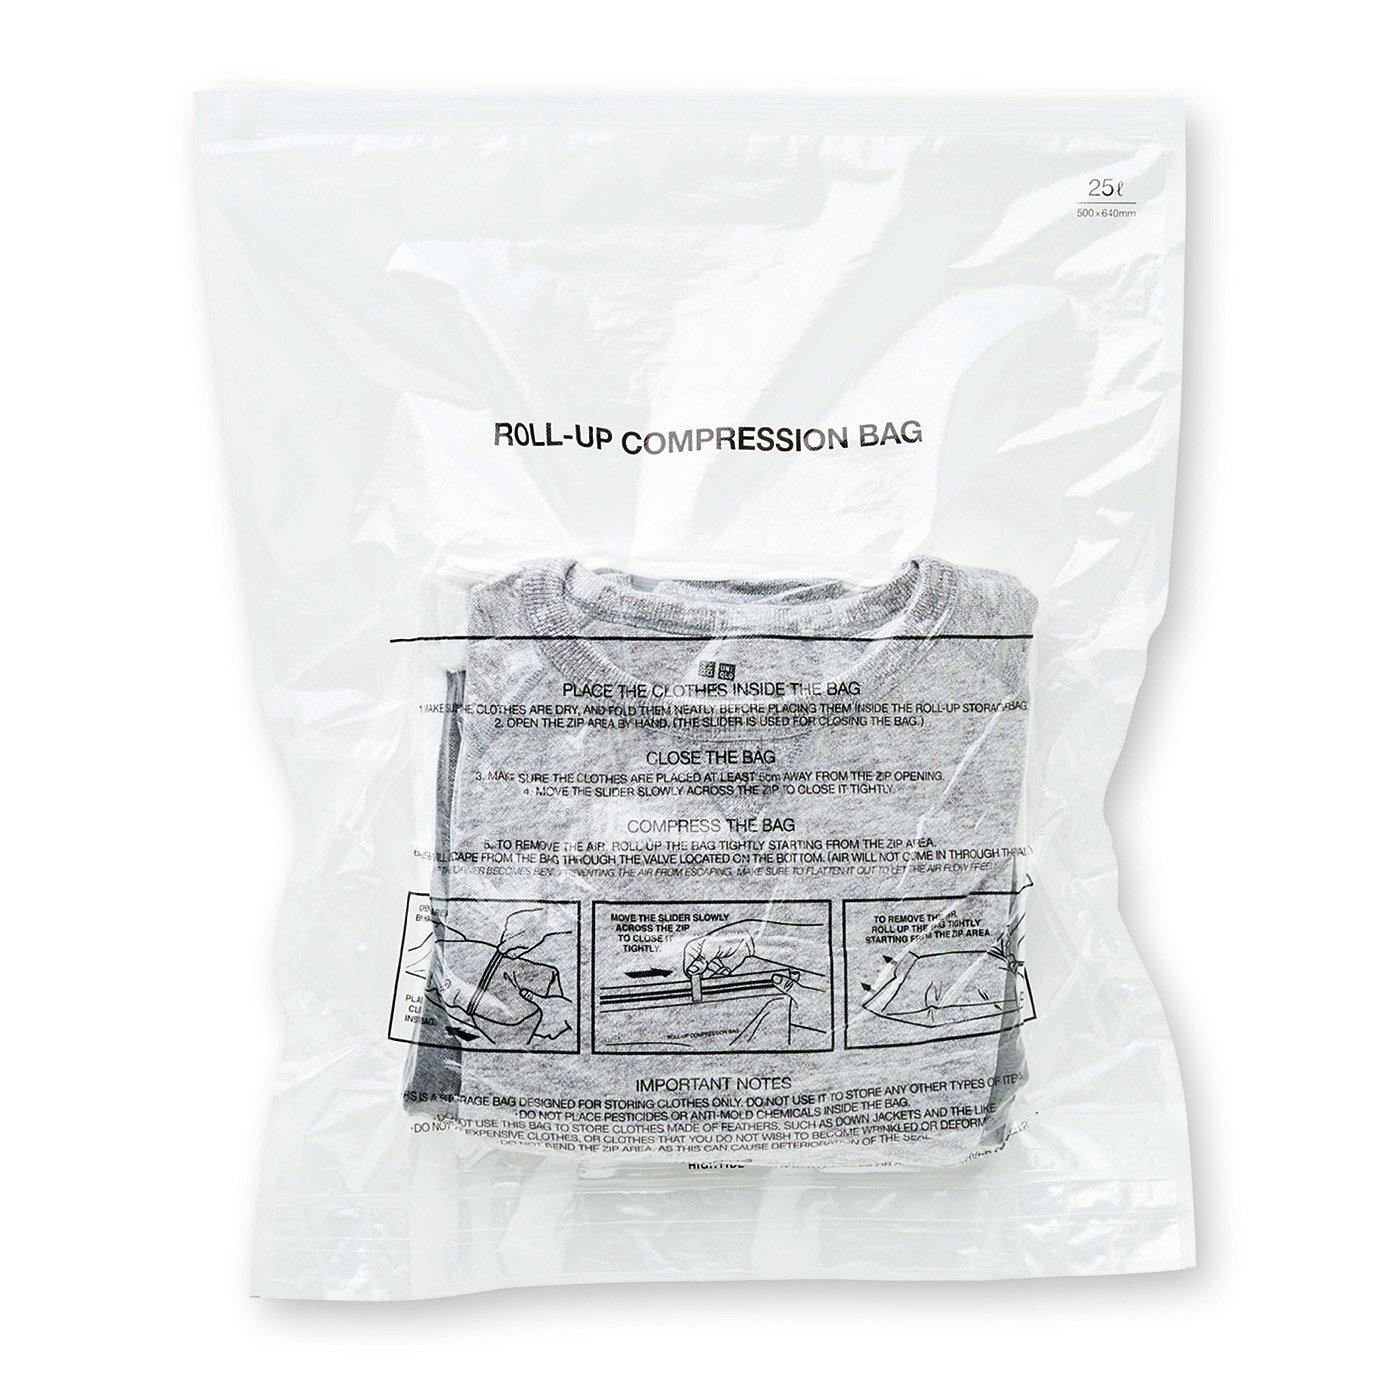 ギュッっと丸めて衣類をコンパクトに! 簡単圧縮バッグ〈ラージサイズ〉の会